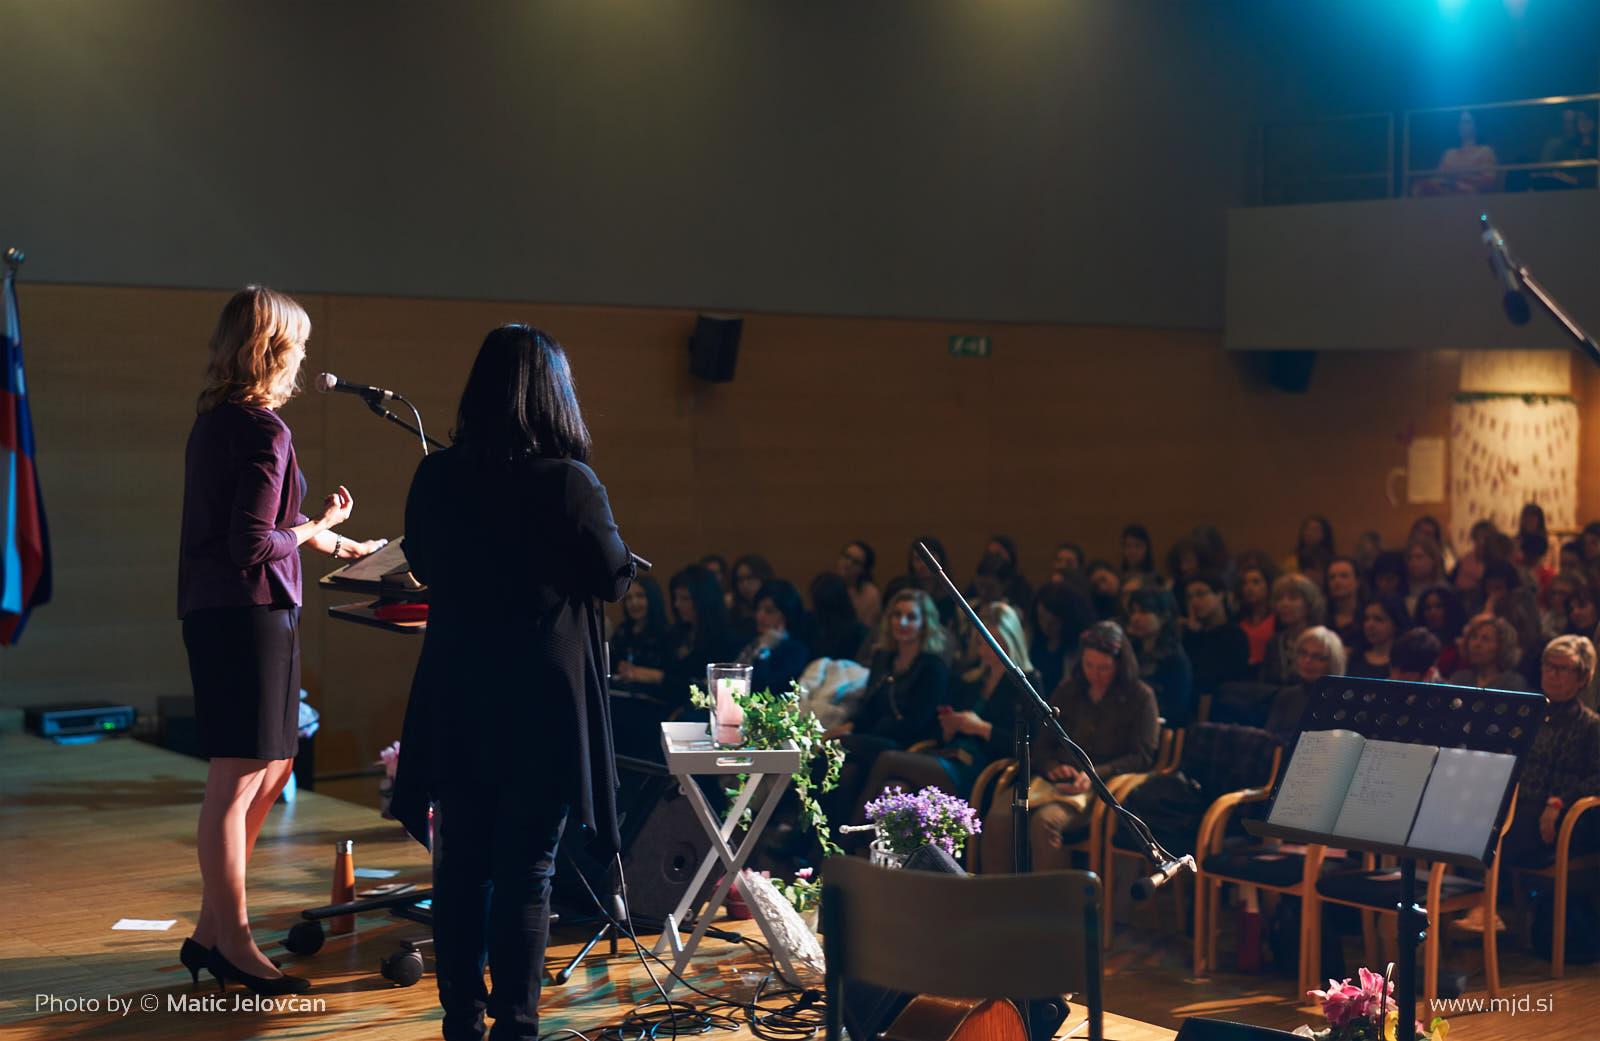 mar 04 2017 12 17 30 DSC07479 1 - Ženska konferenca 2017, Ljubljana